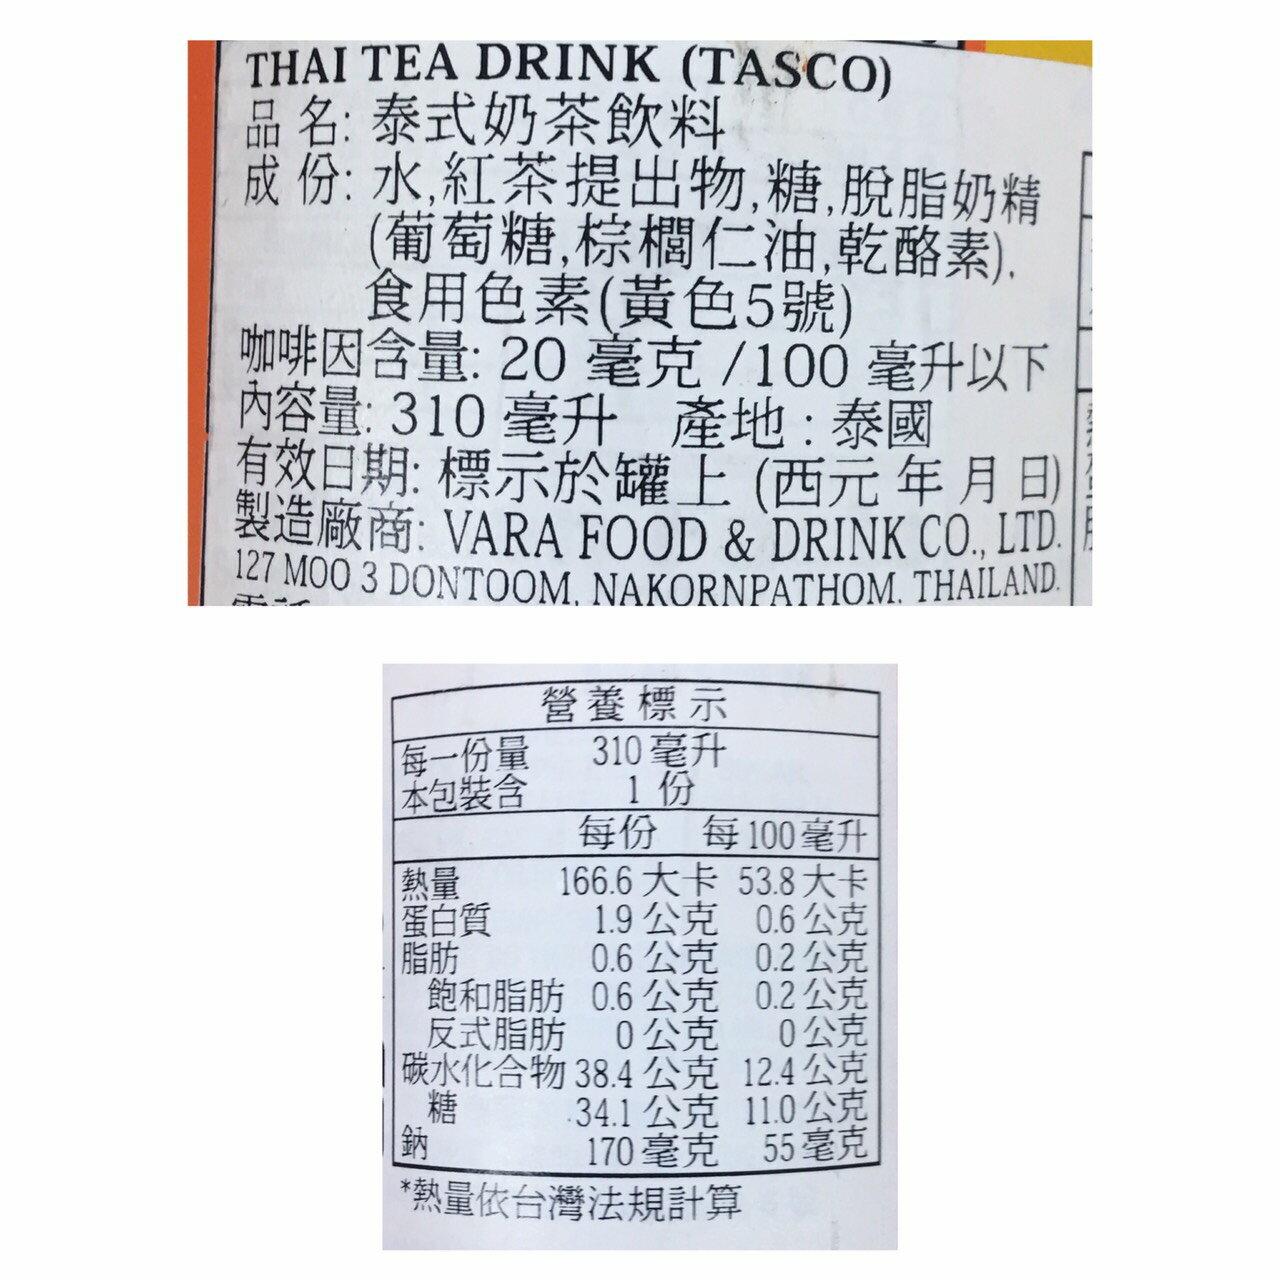 泰國 TASCO THAI TEA DRINK 泰式奶茶 南洋奶茶